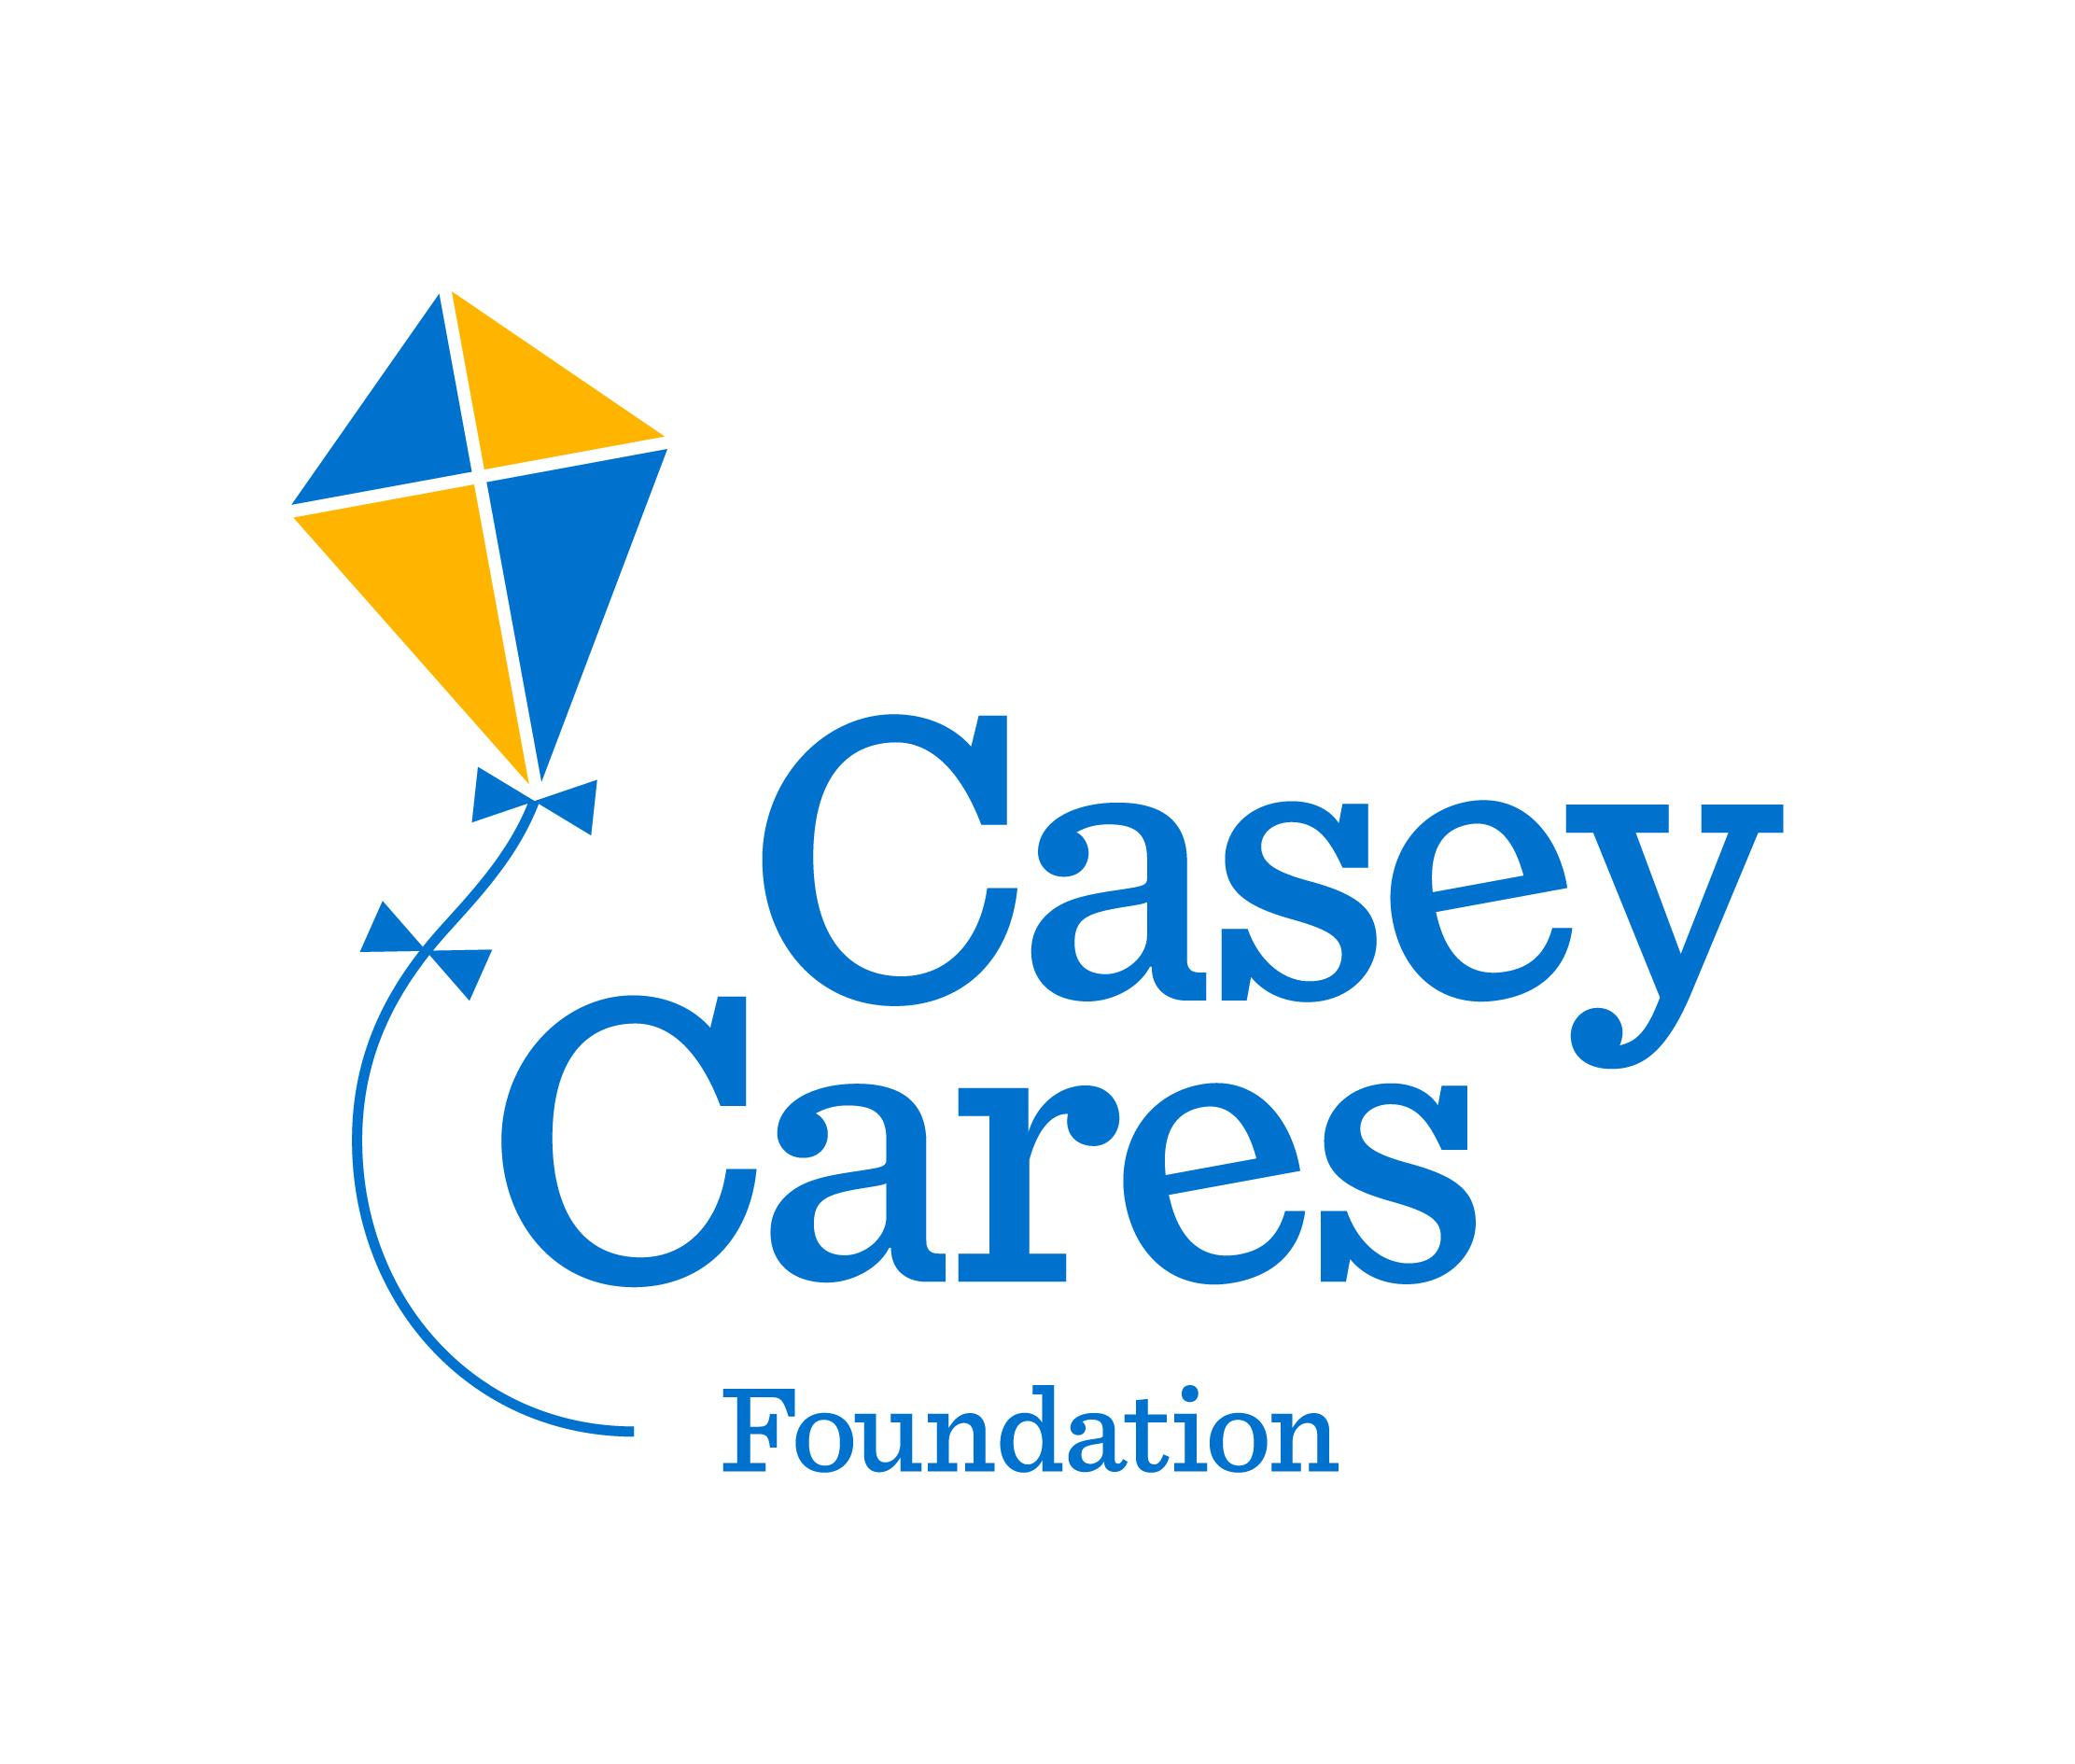 Casey Cares